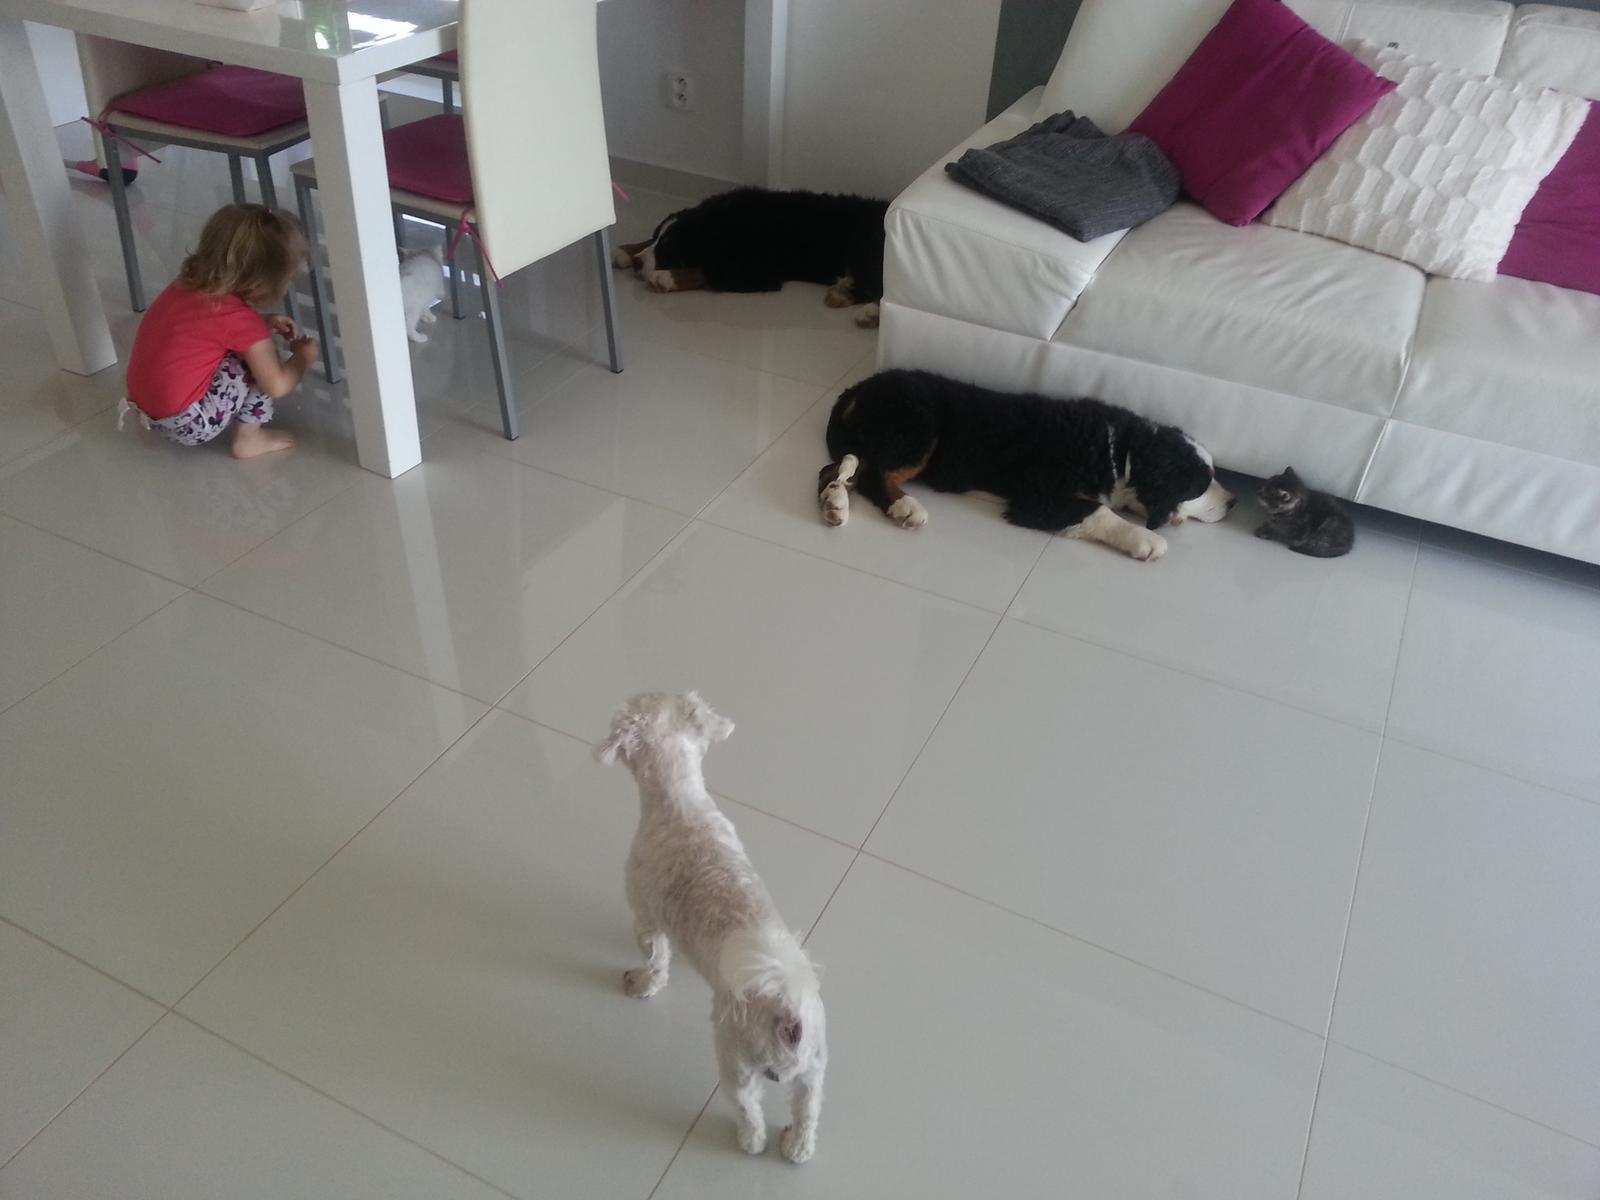 Nas zverinec - dve fenky,jeden pes a dvaja kocurikovia - maltezak pes BADY